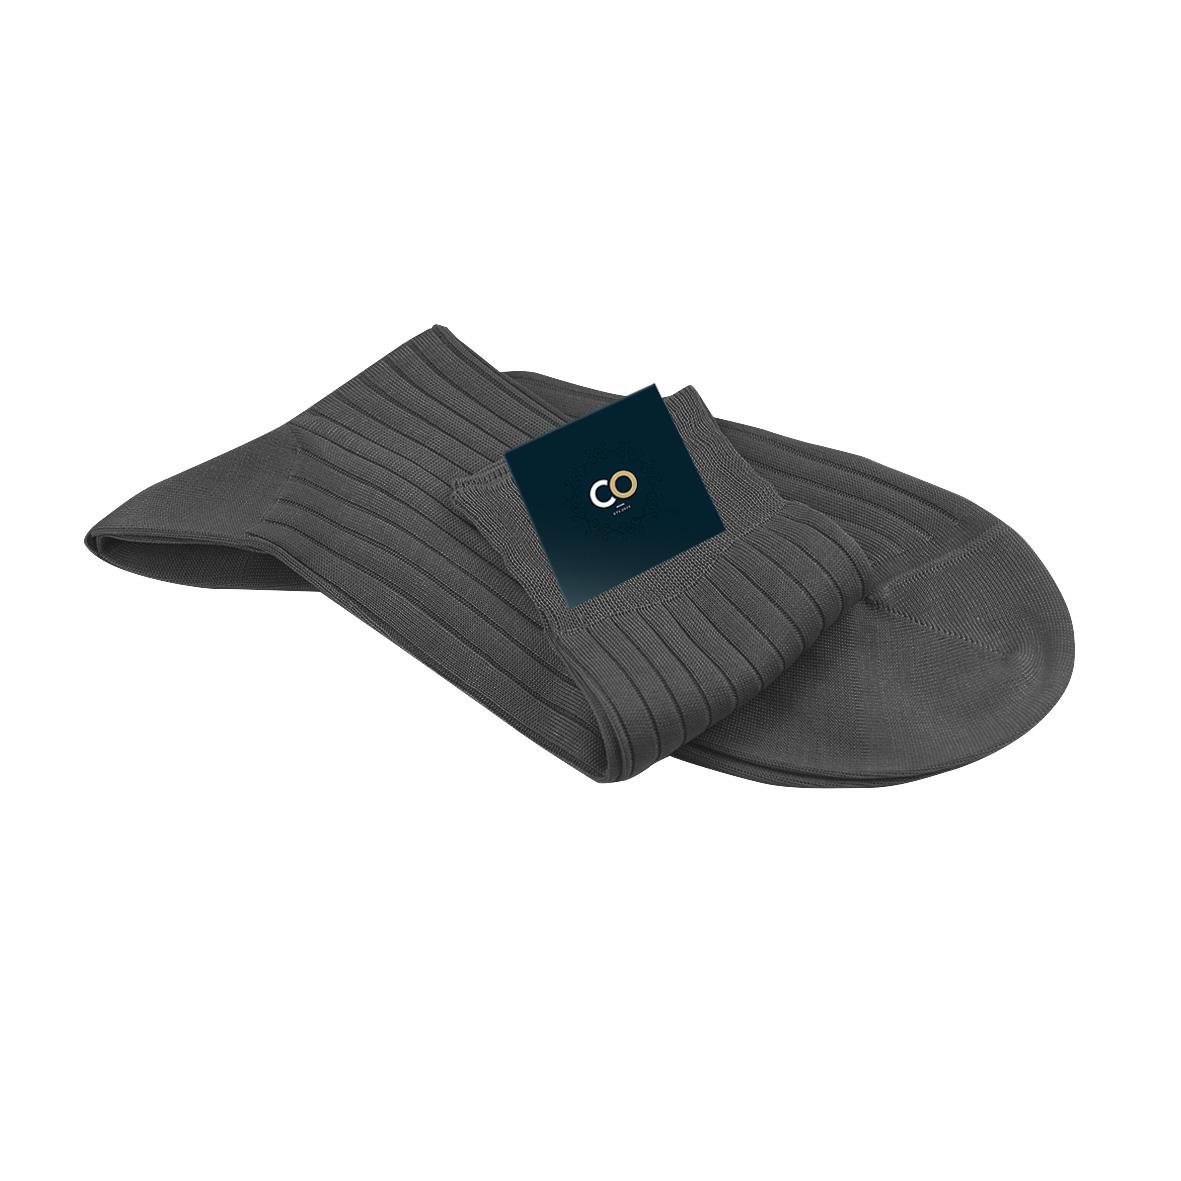 Chaussette gris acier, Vladimir